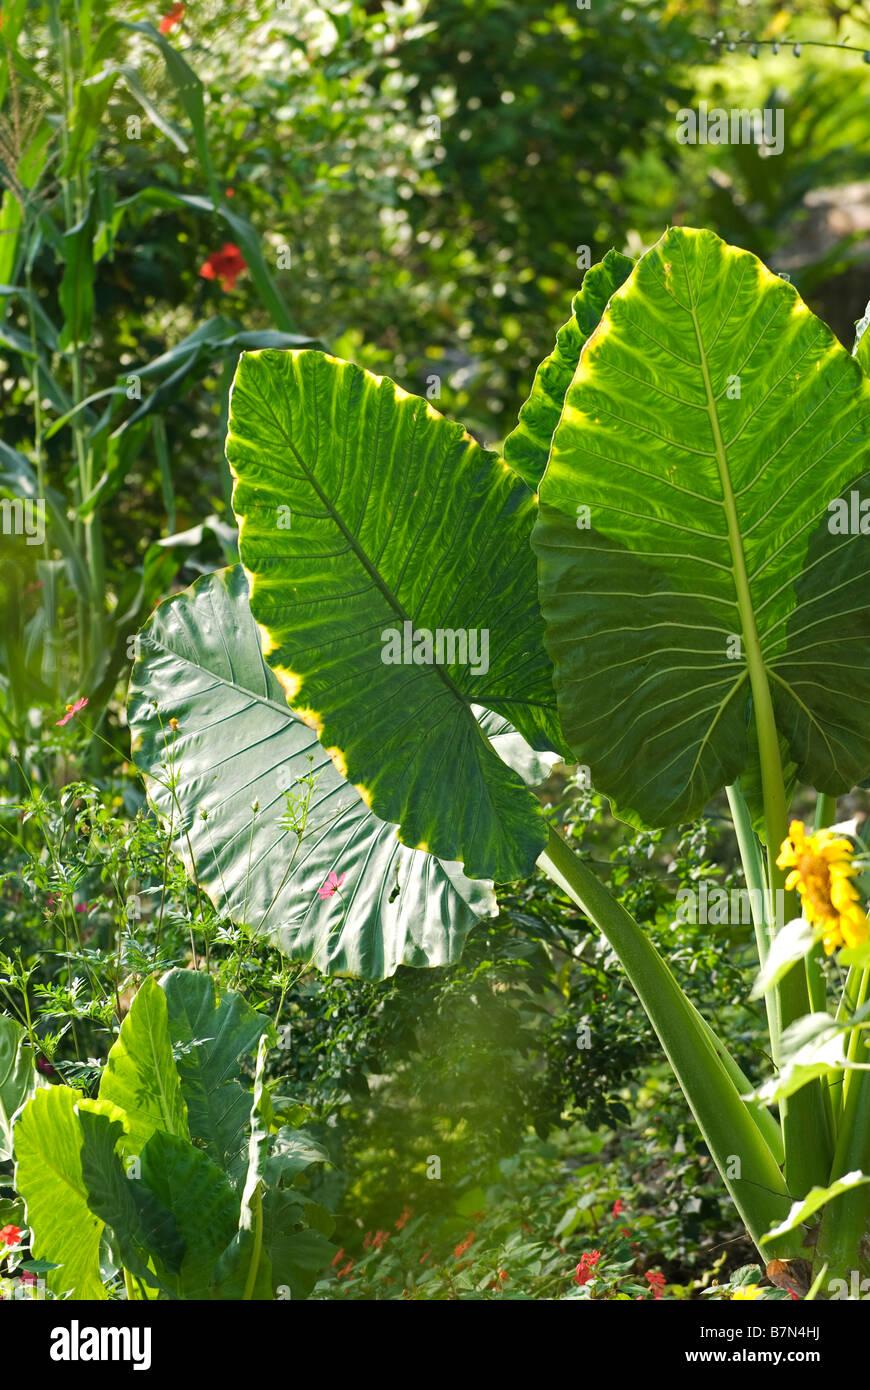 Honduras, Copan, Hacienda San Lucas. Exotic flower in the gardens of the Hacienda San Lucas eco-lodge - Stock Image